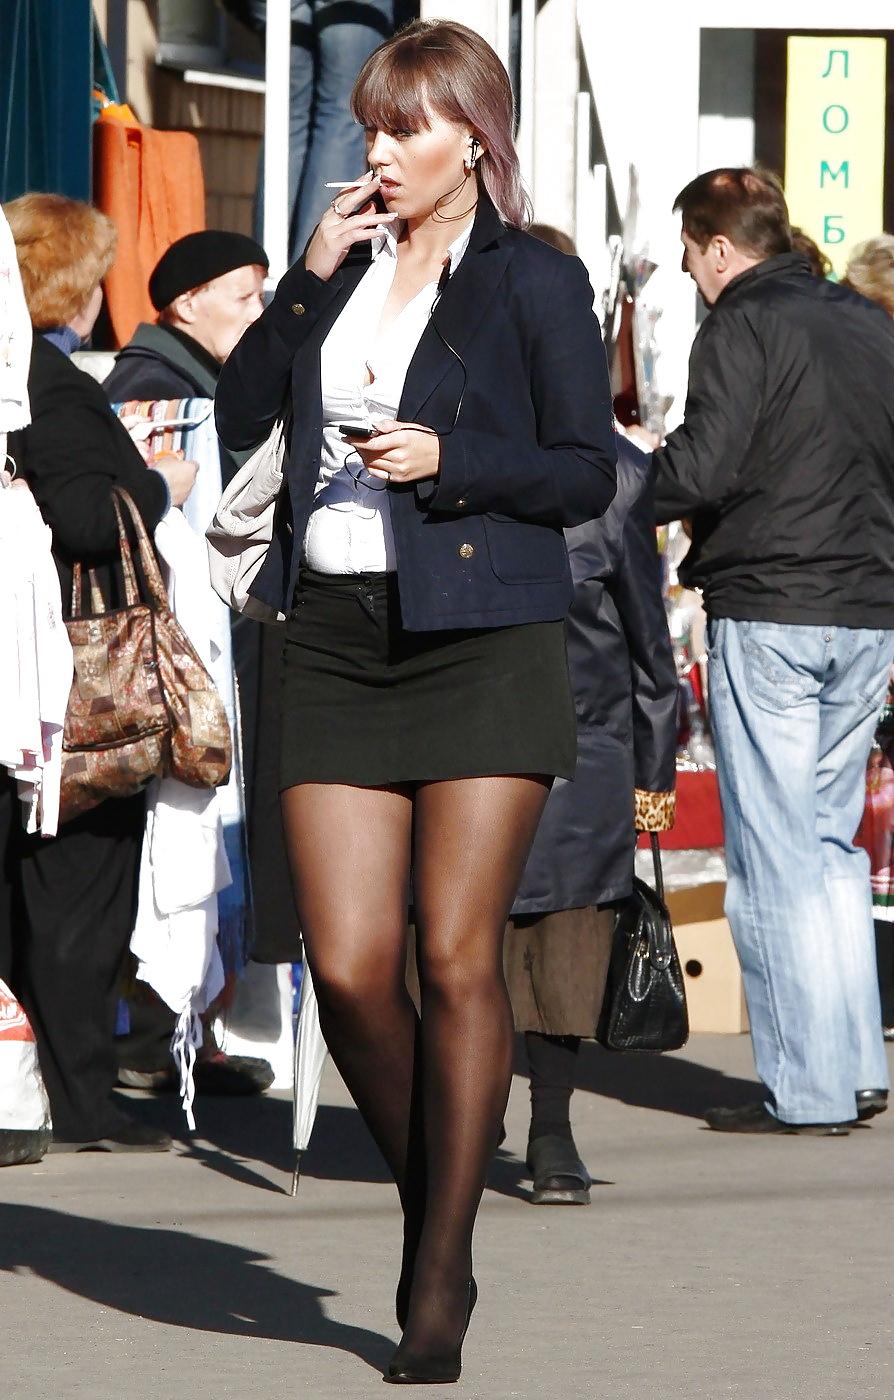 pantyhose-women-walking-shiny-satin-panties-pinterest